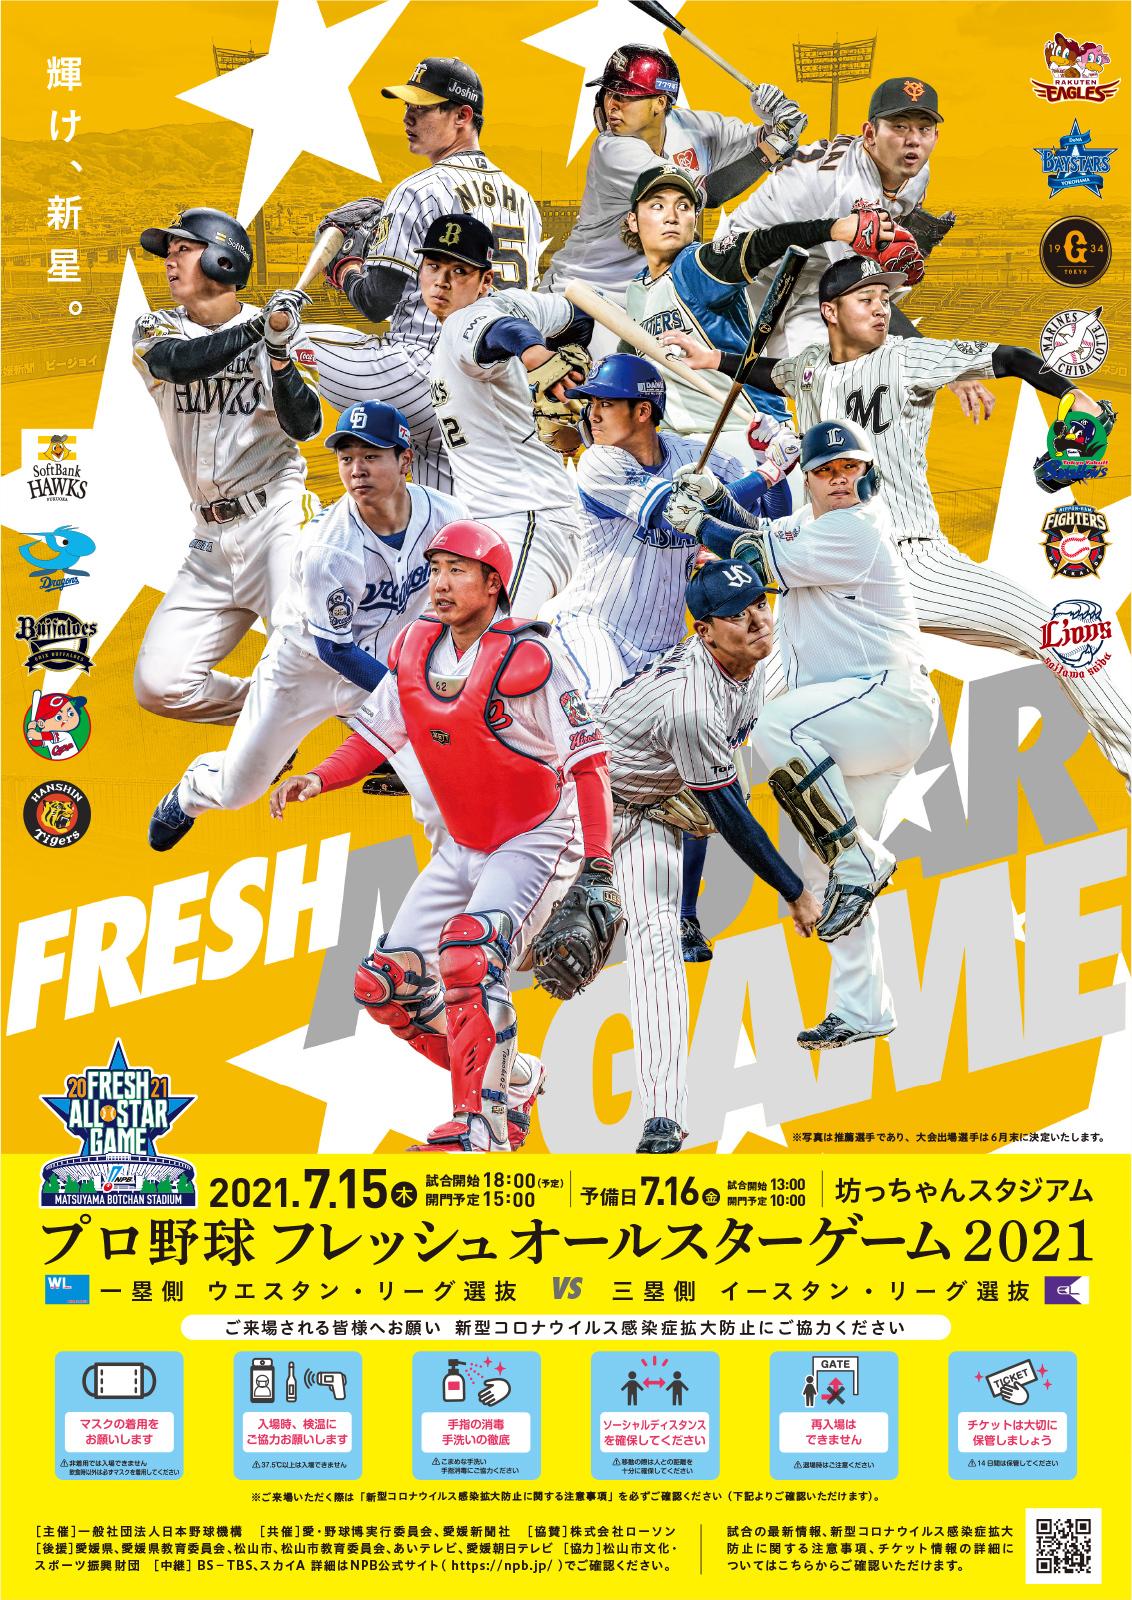 『プロ野球フレッシュオールスターゲーム2021』の出場選手が発表された